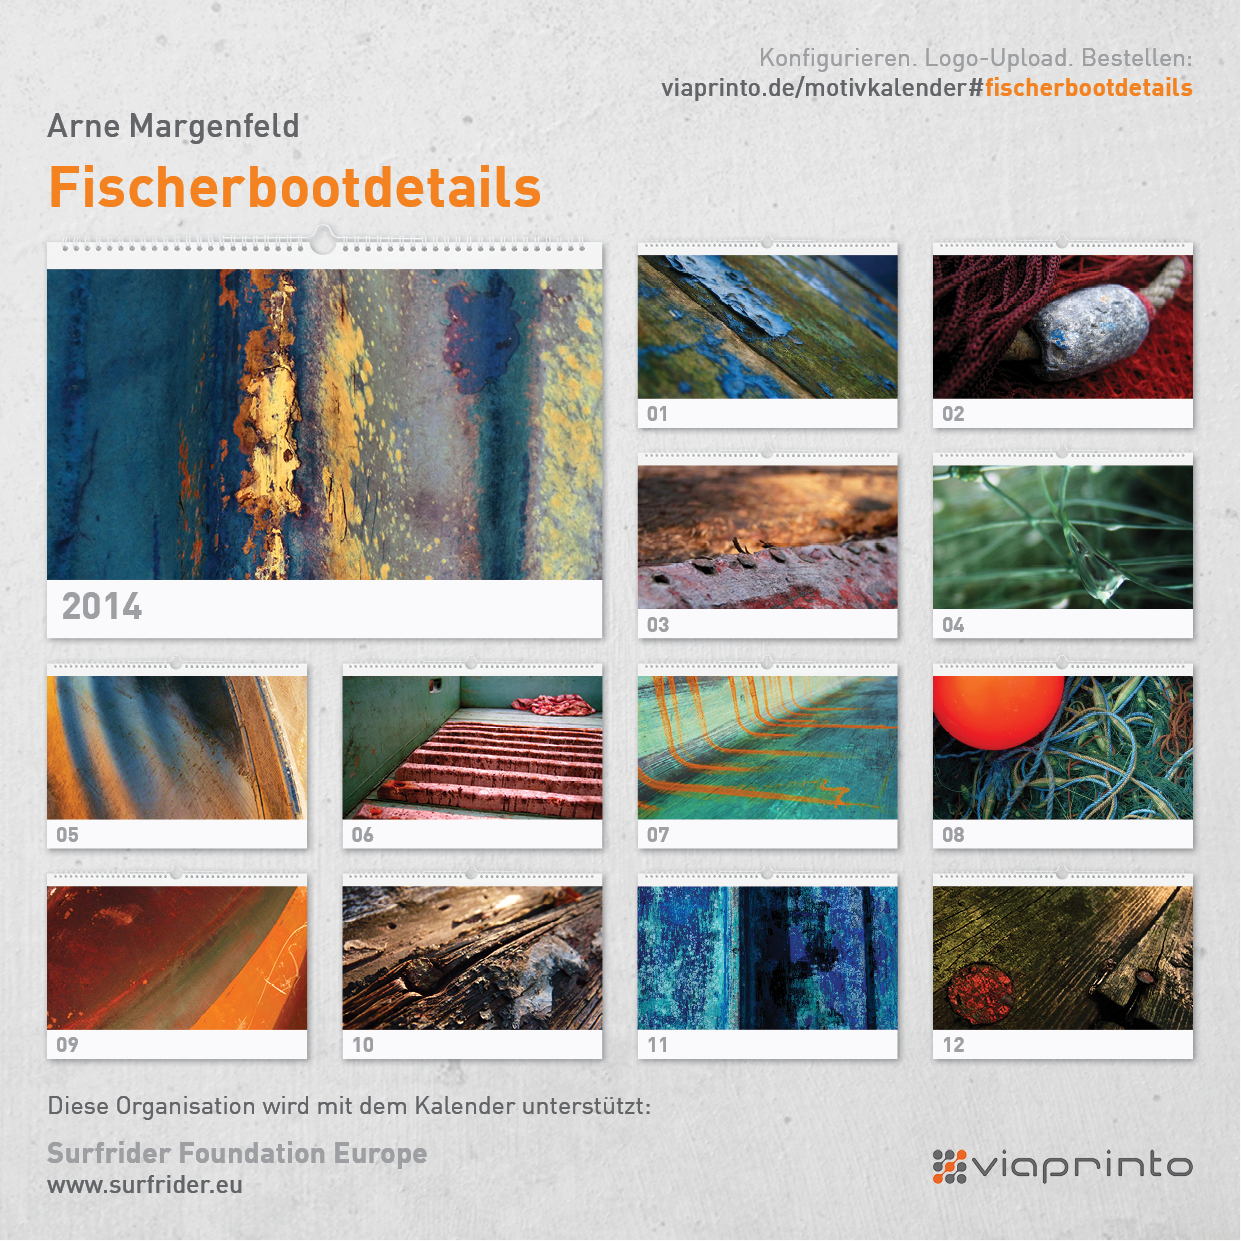 https://www.viaprinto.de/motivkalender#/fischerbootdetails